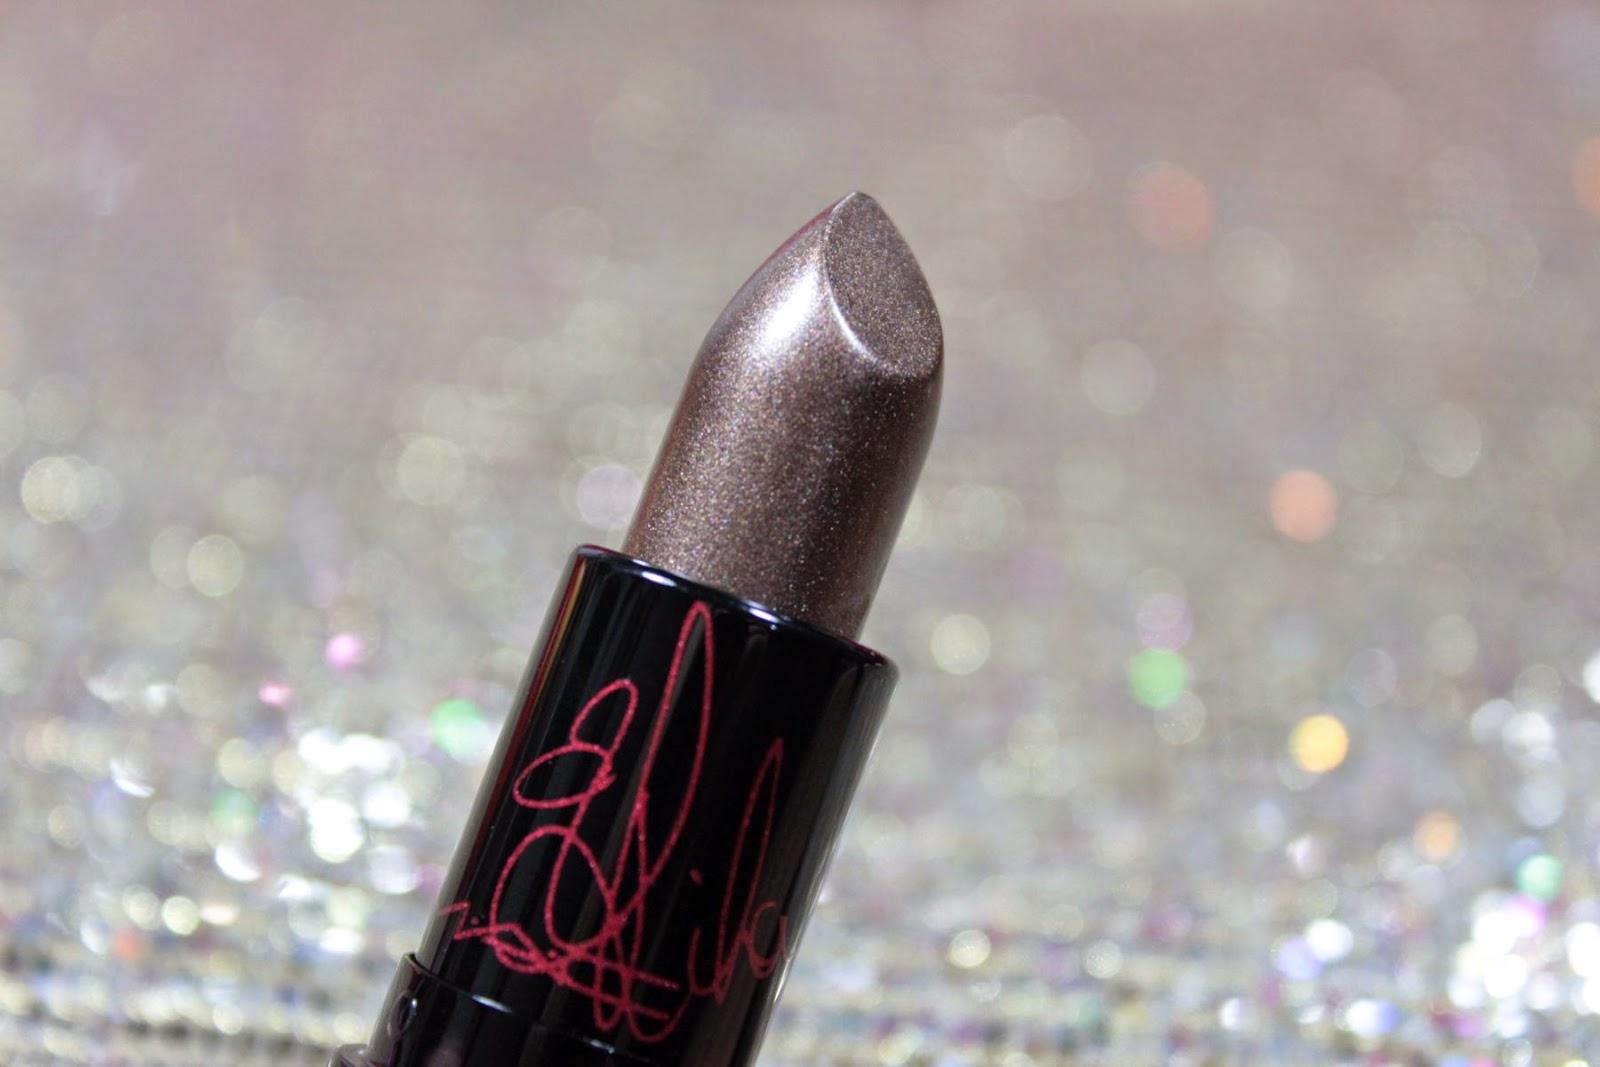 mac, coleção, collection, Rihanna, Viva Glam, Aids, Batom, loucas por batom, swatche, gloss, metalizado, lips, lipstick,